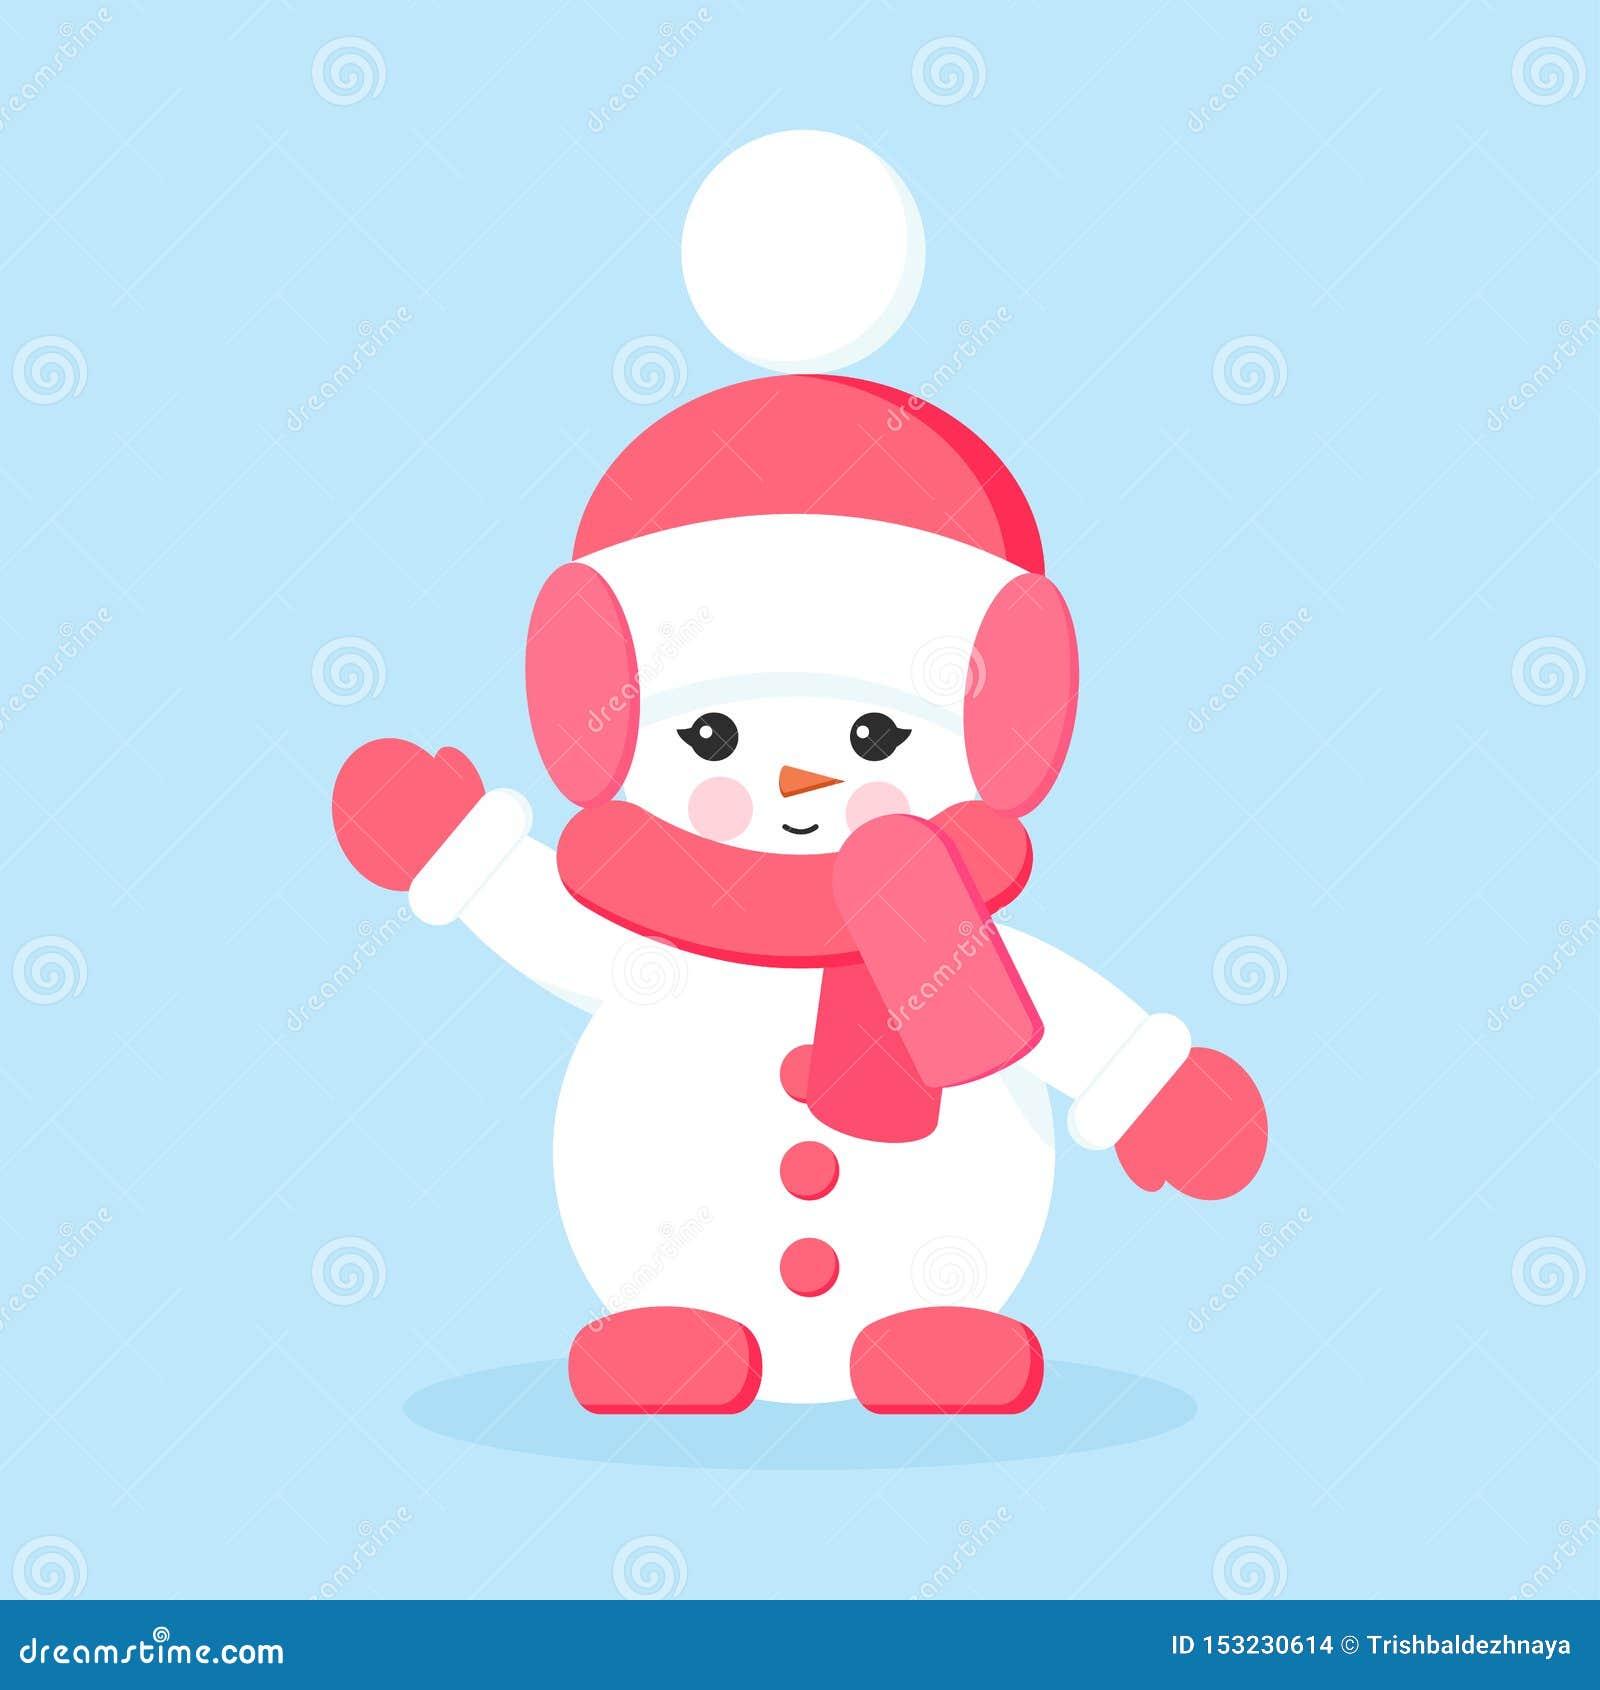 Snögubbeflickan med rosa kläder i hälsningar eller hi poserar